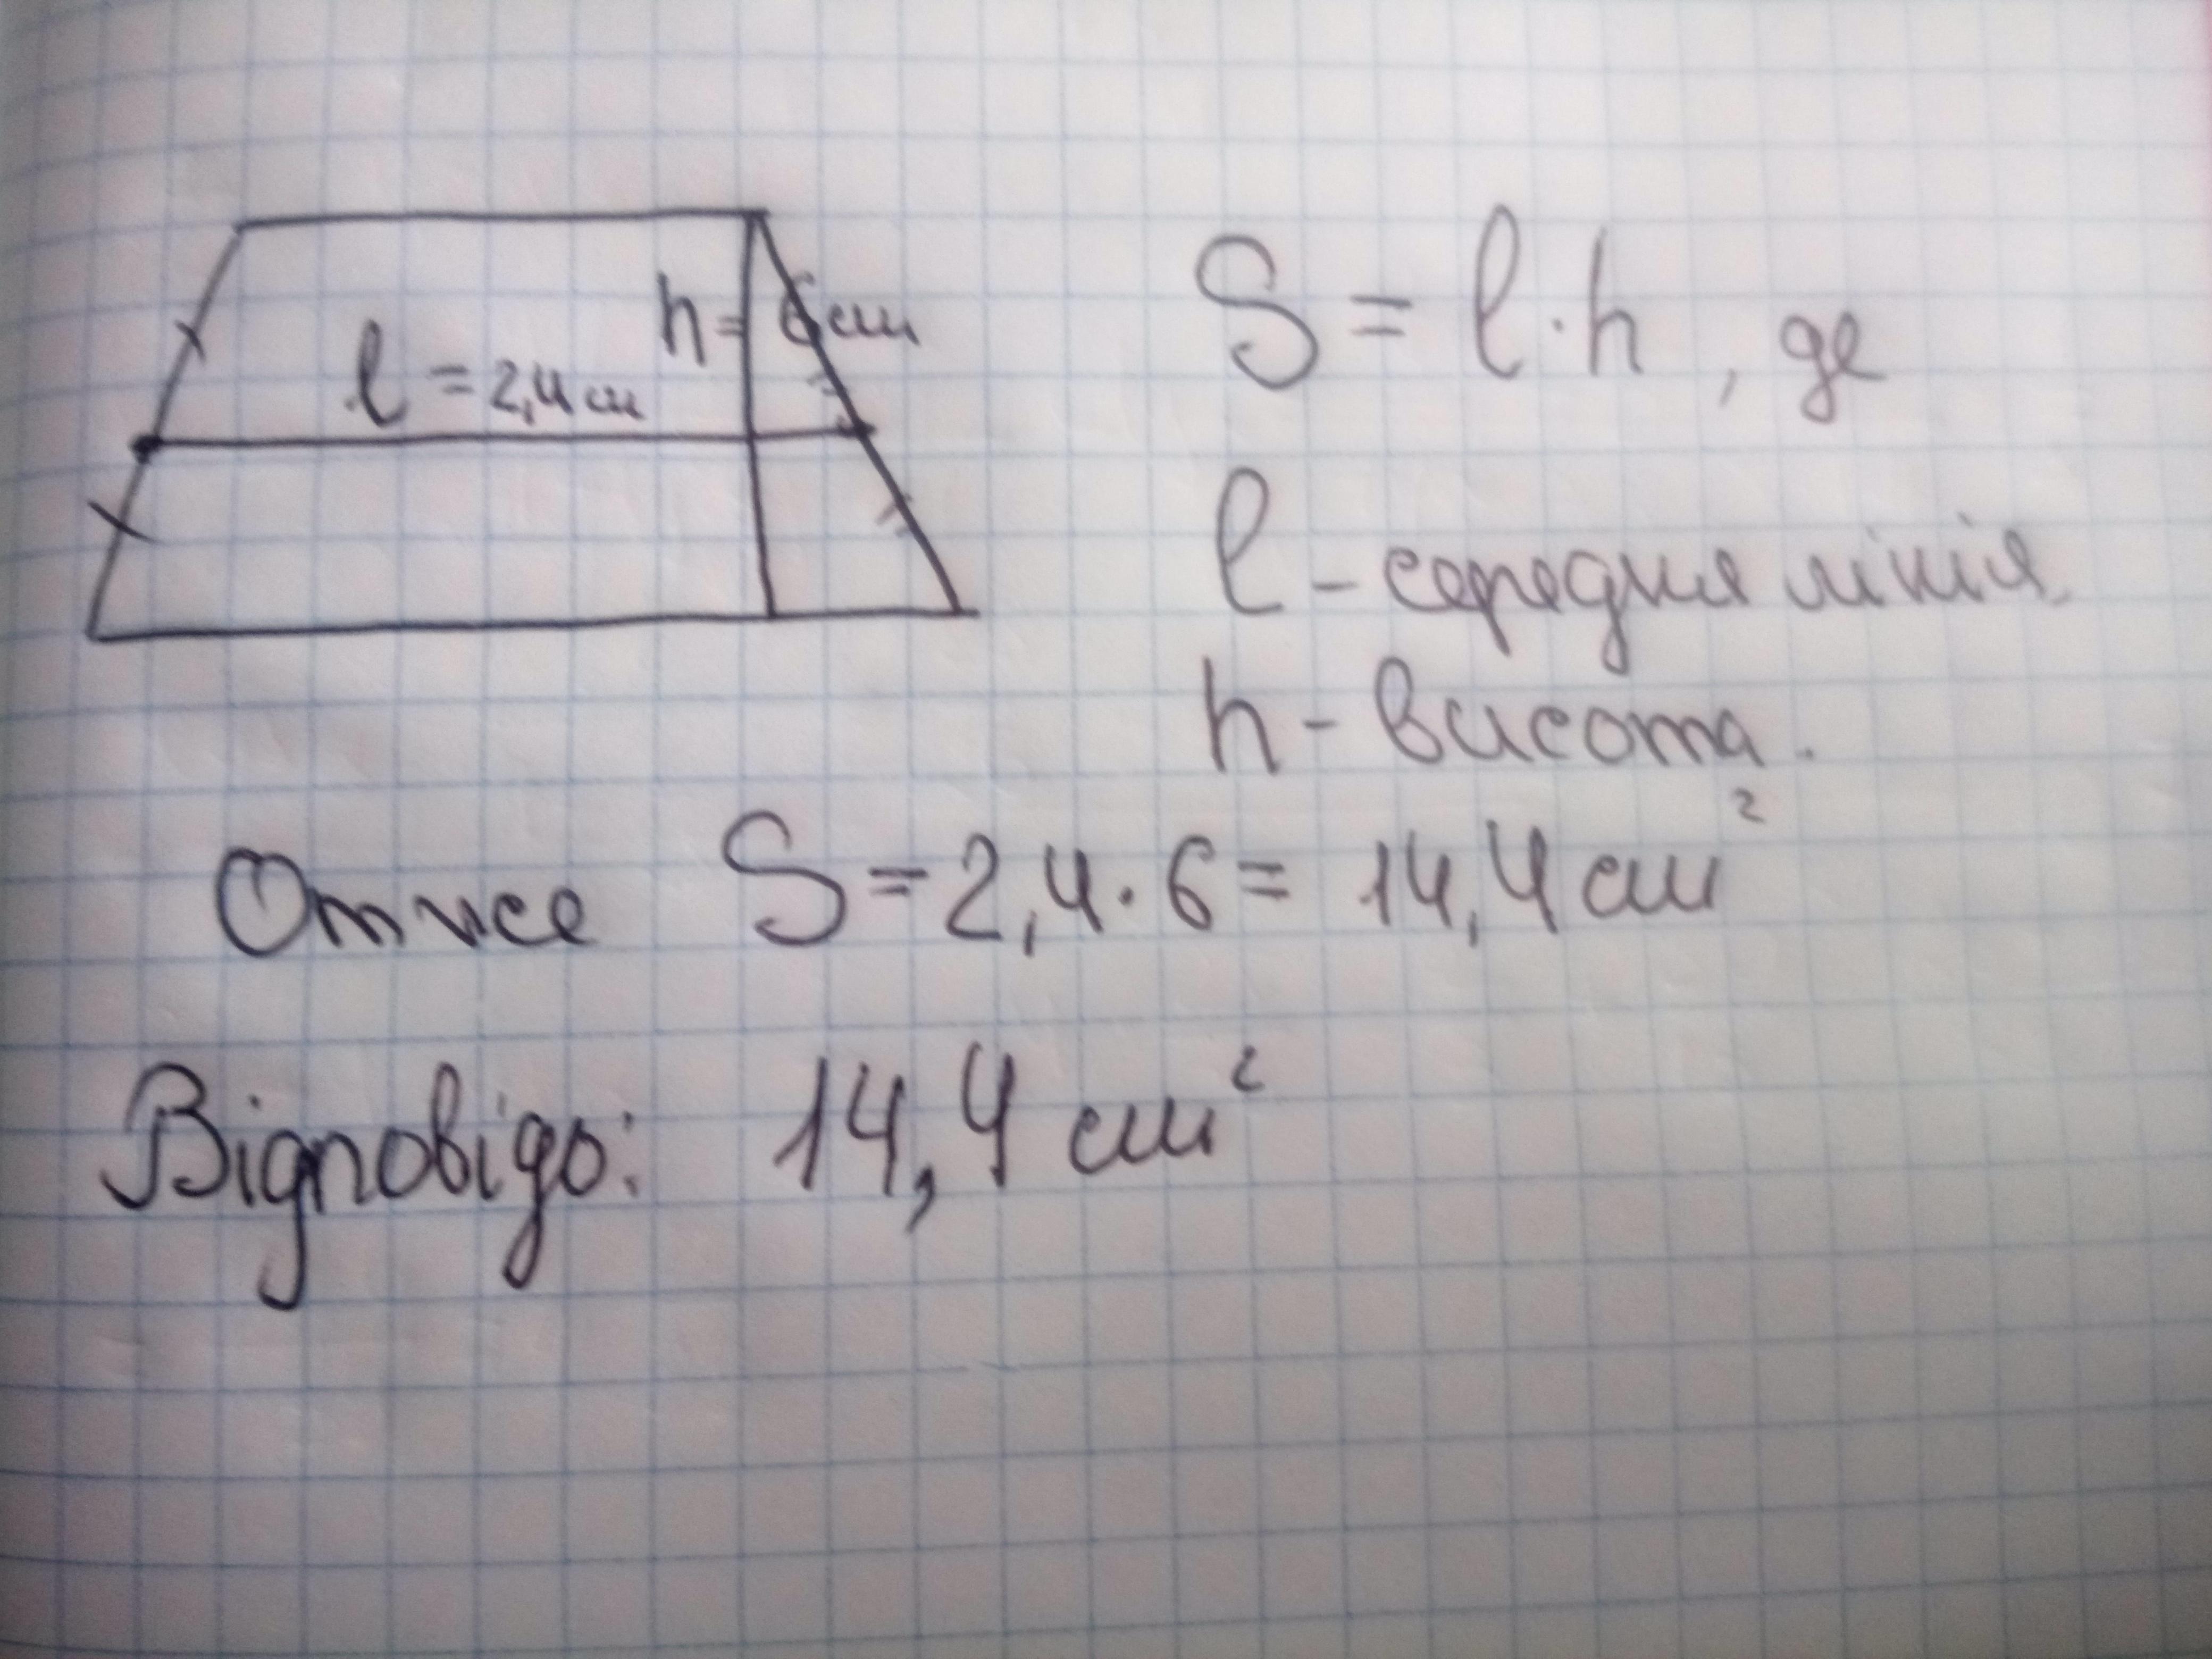 Знайдіть площу трапеції, якщо її висота дорівнює 6